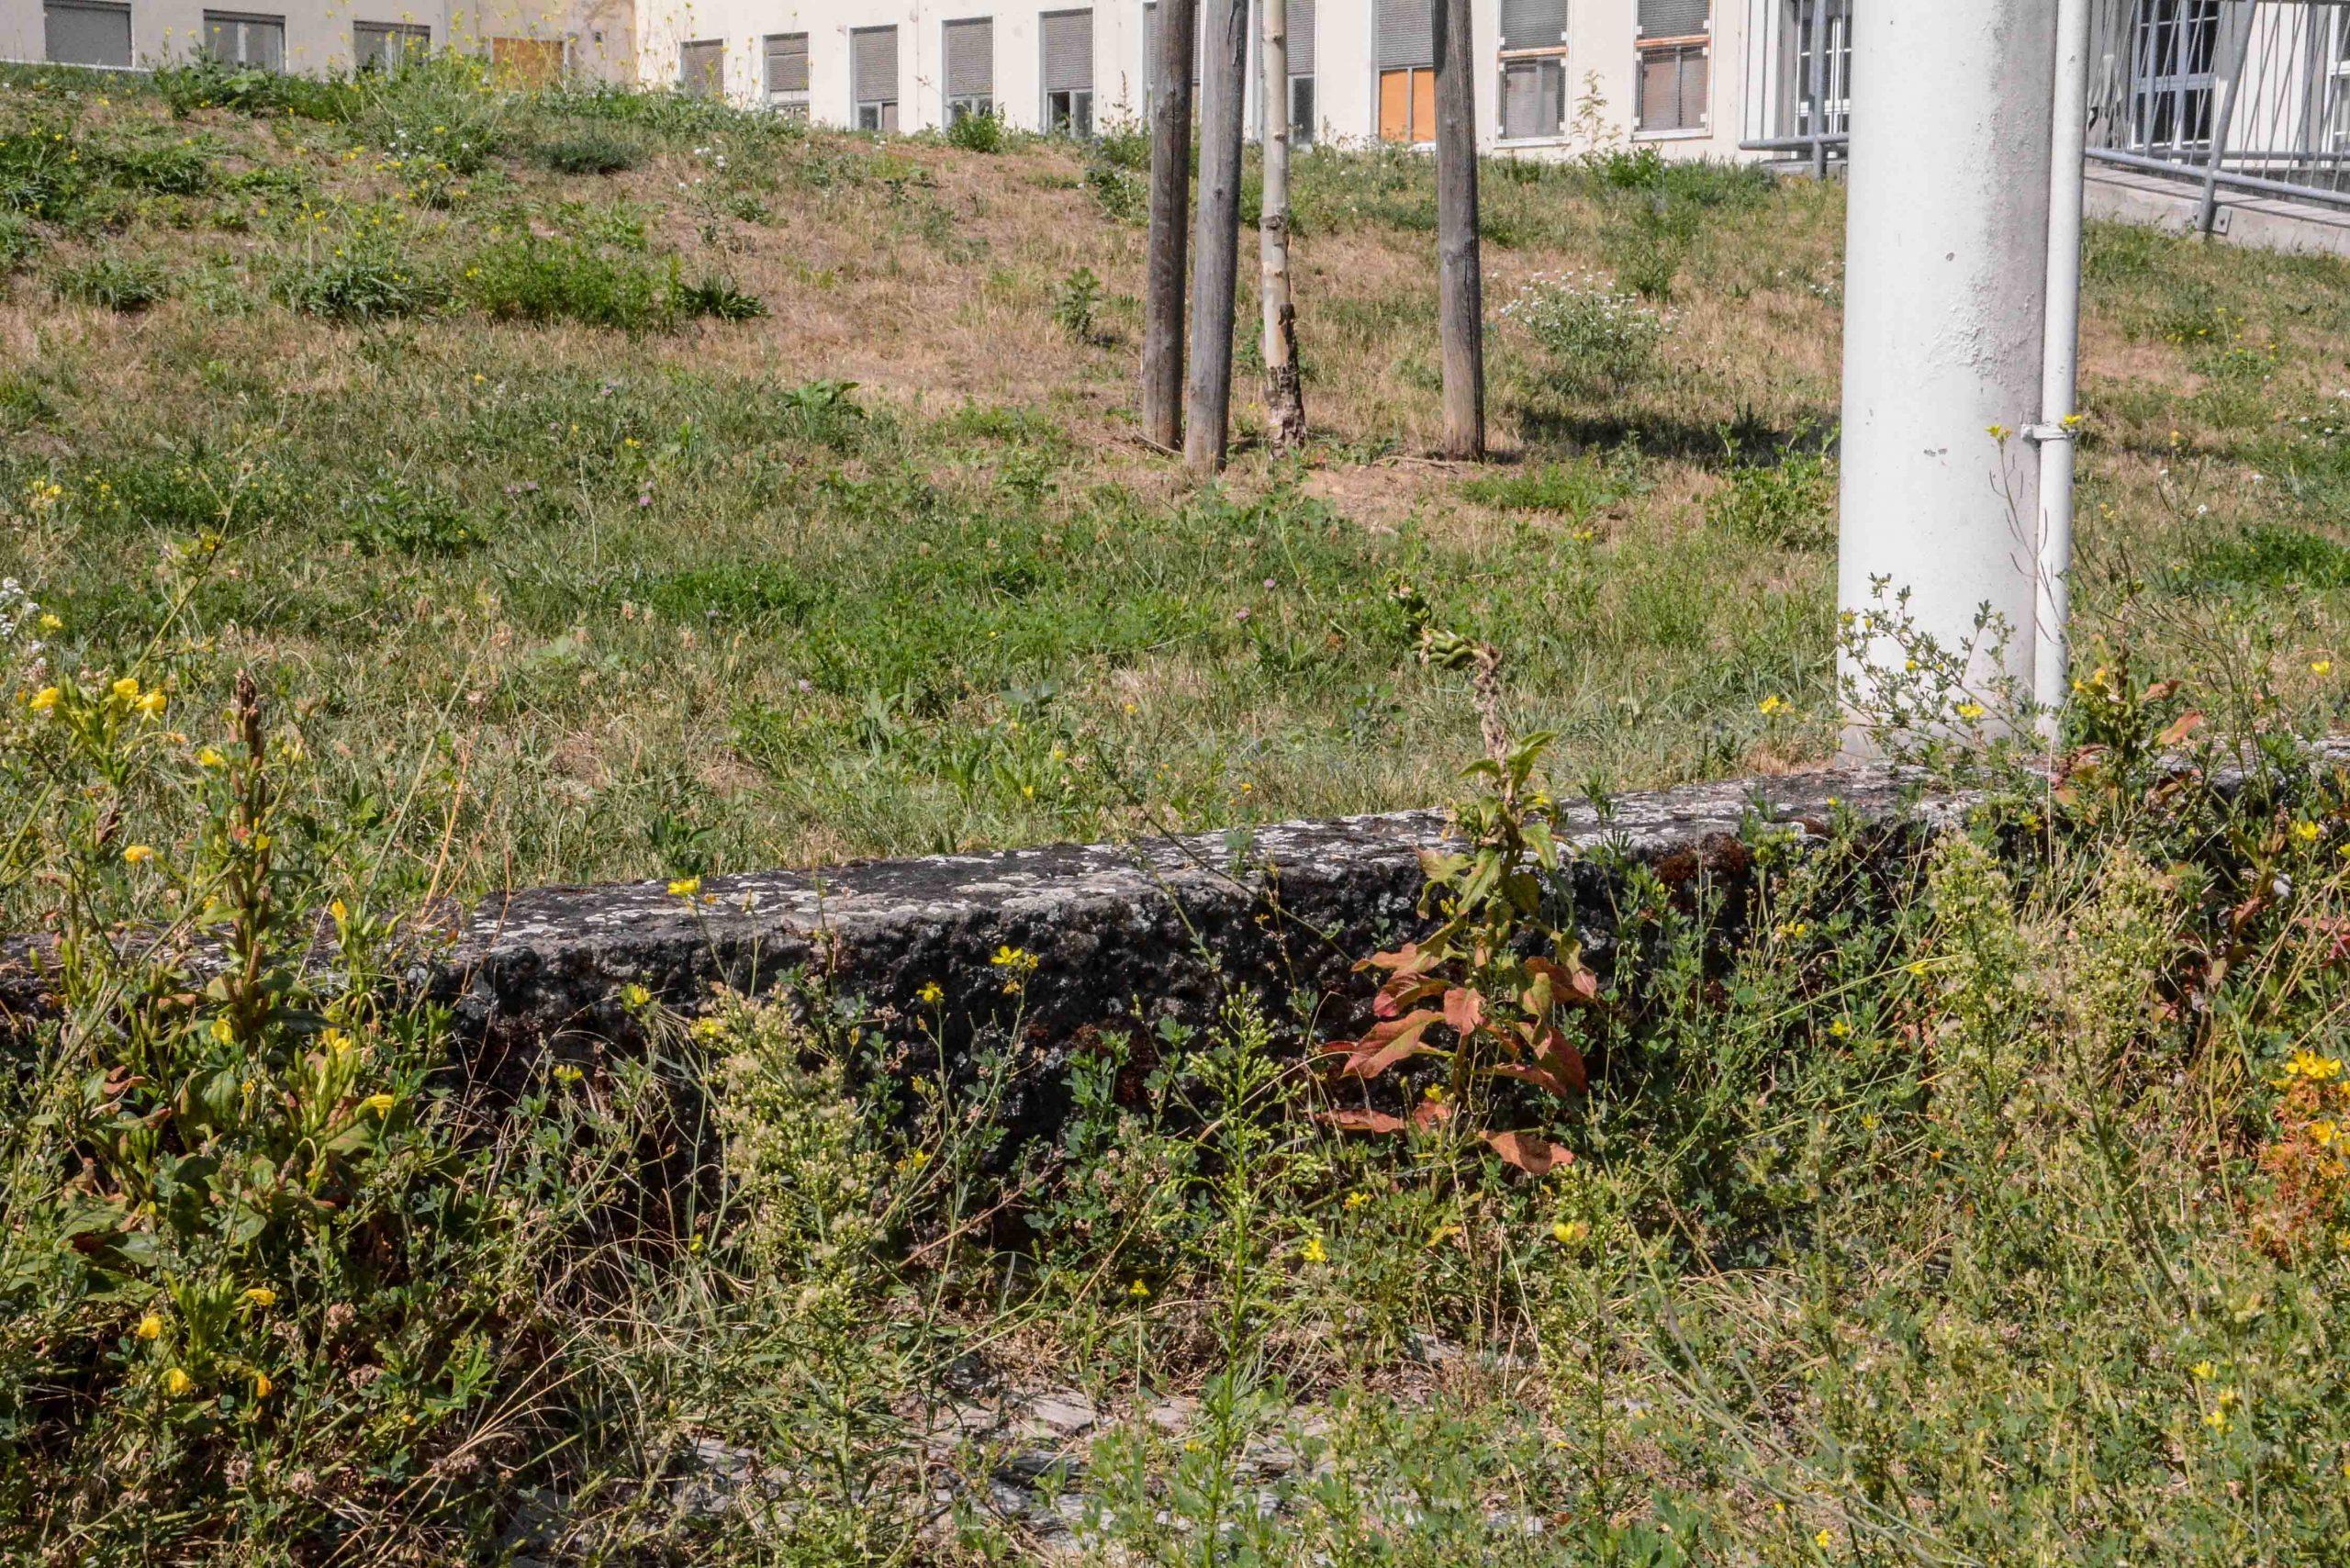 bordsteinkante curbside speer vierter ring four ring platz des 4 juli berlin hitler autobahn zehlendorf